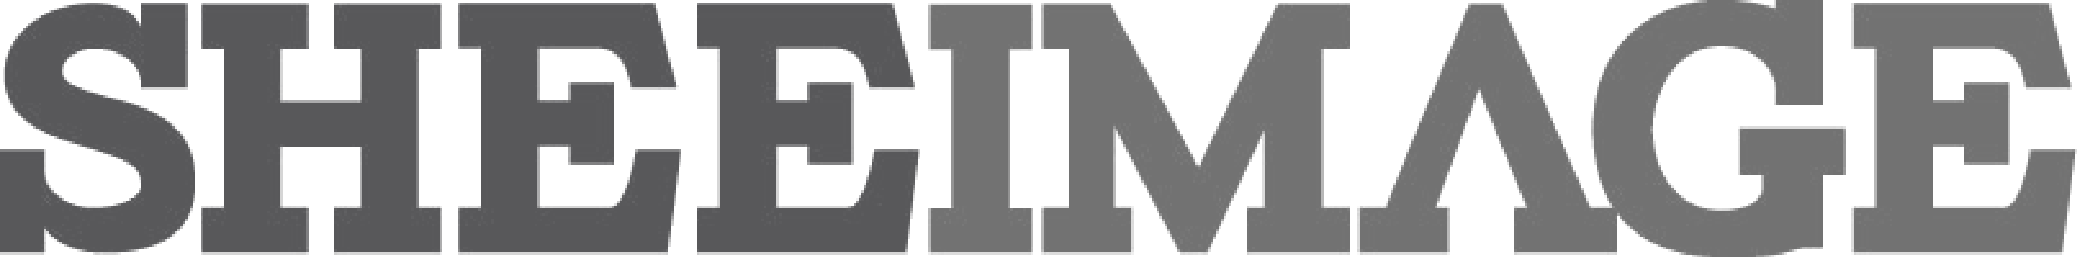 metiercreative portfollio  apr2018-09